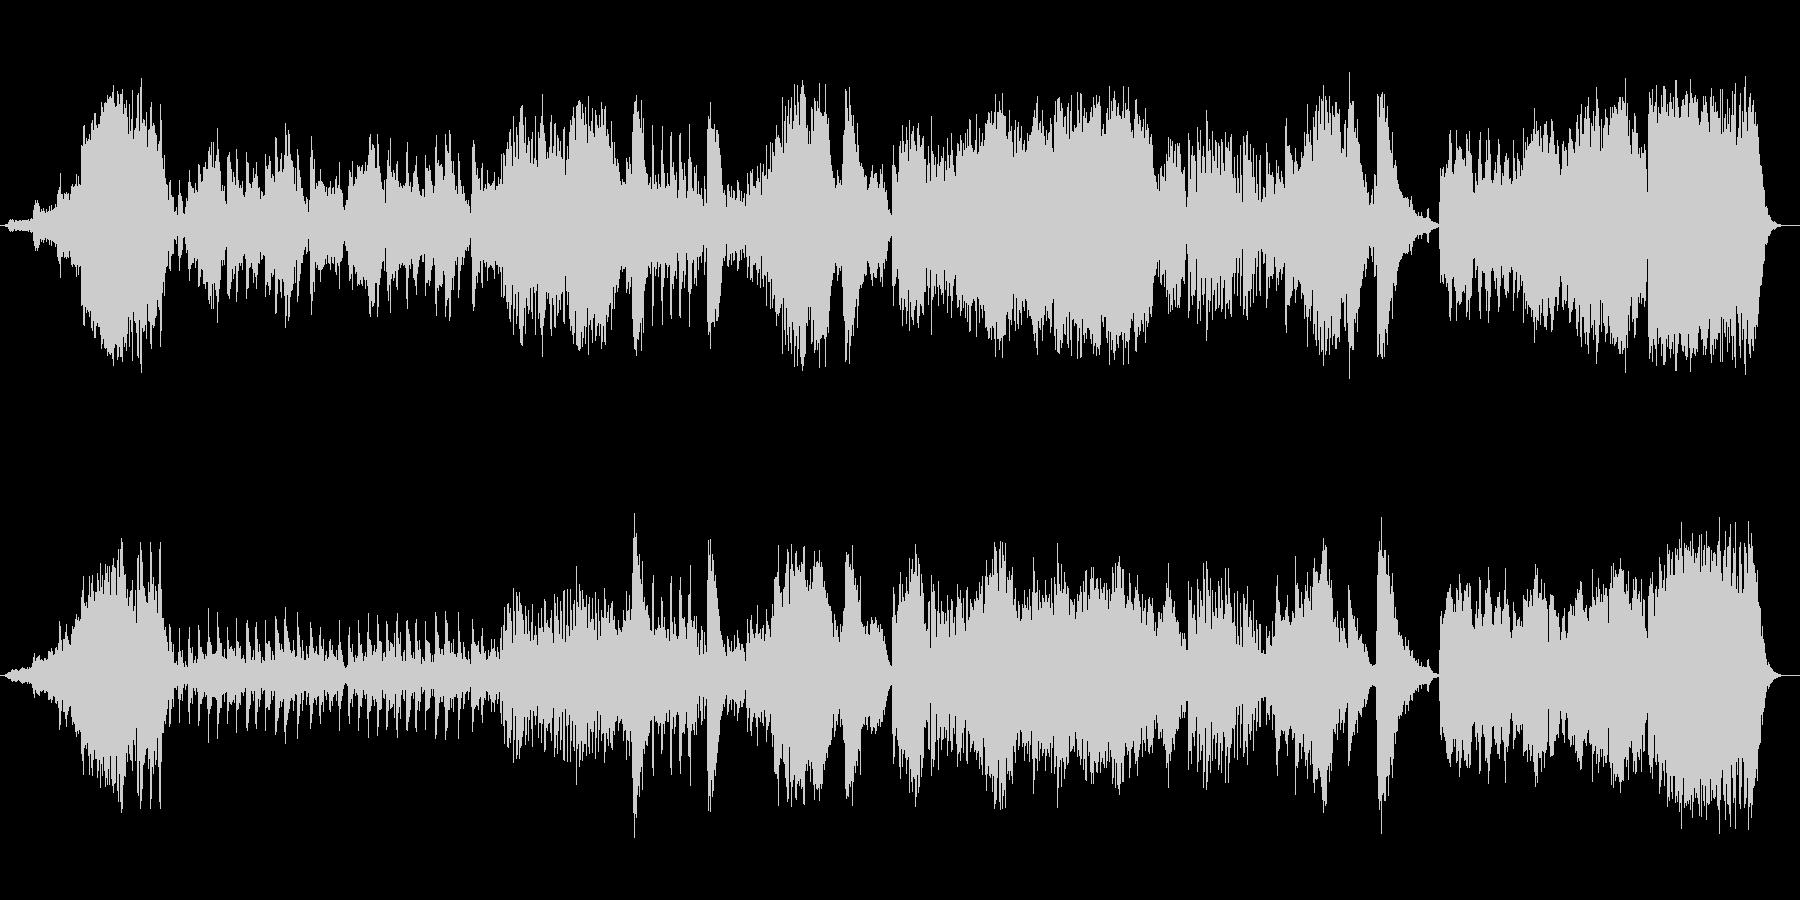 美しく勢いのあるシンセサイザーサウンドの未再生の波形